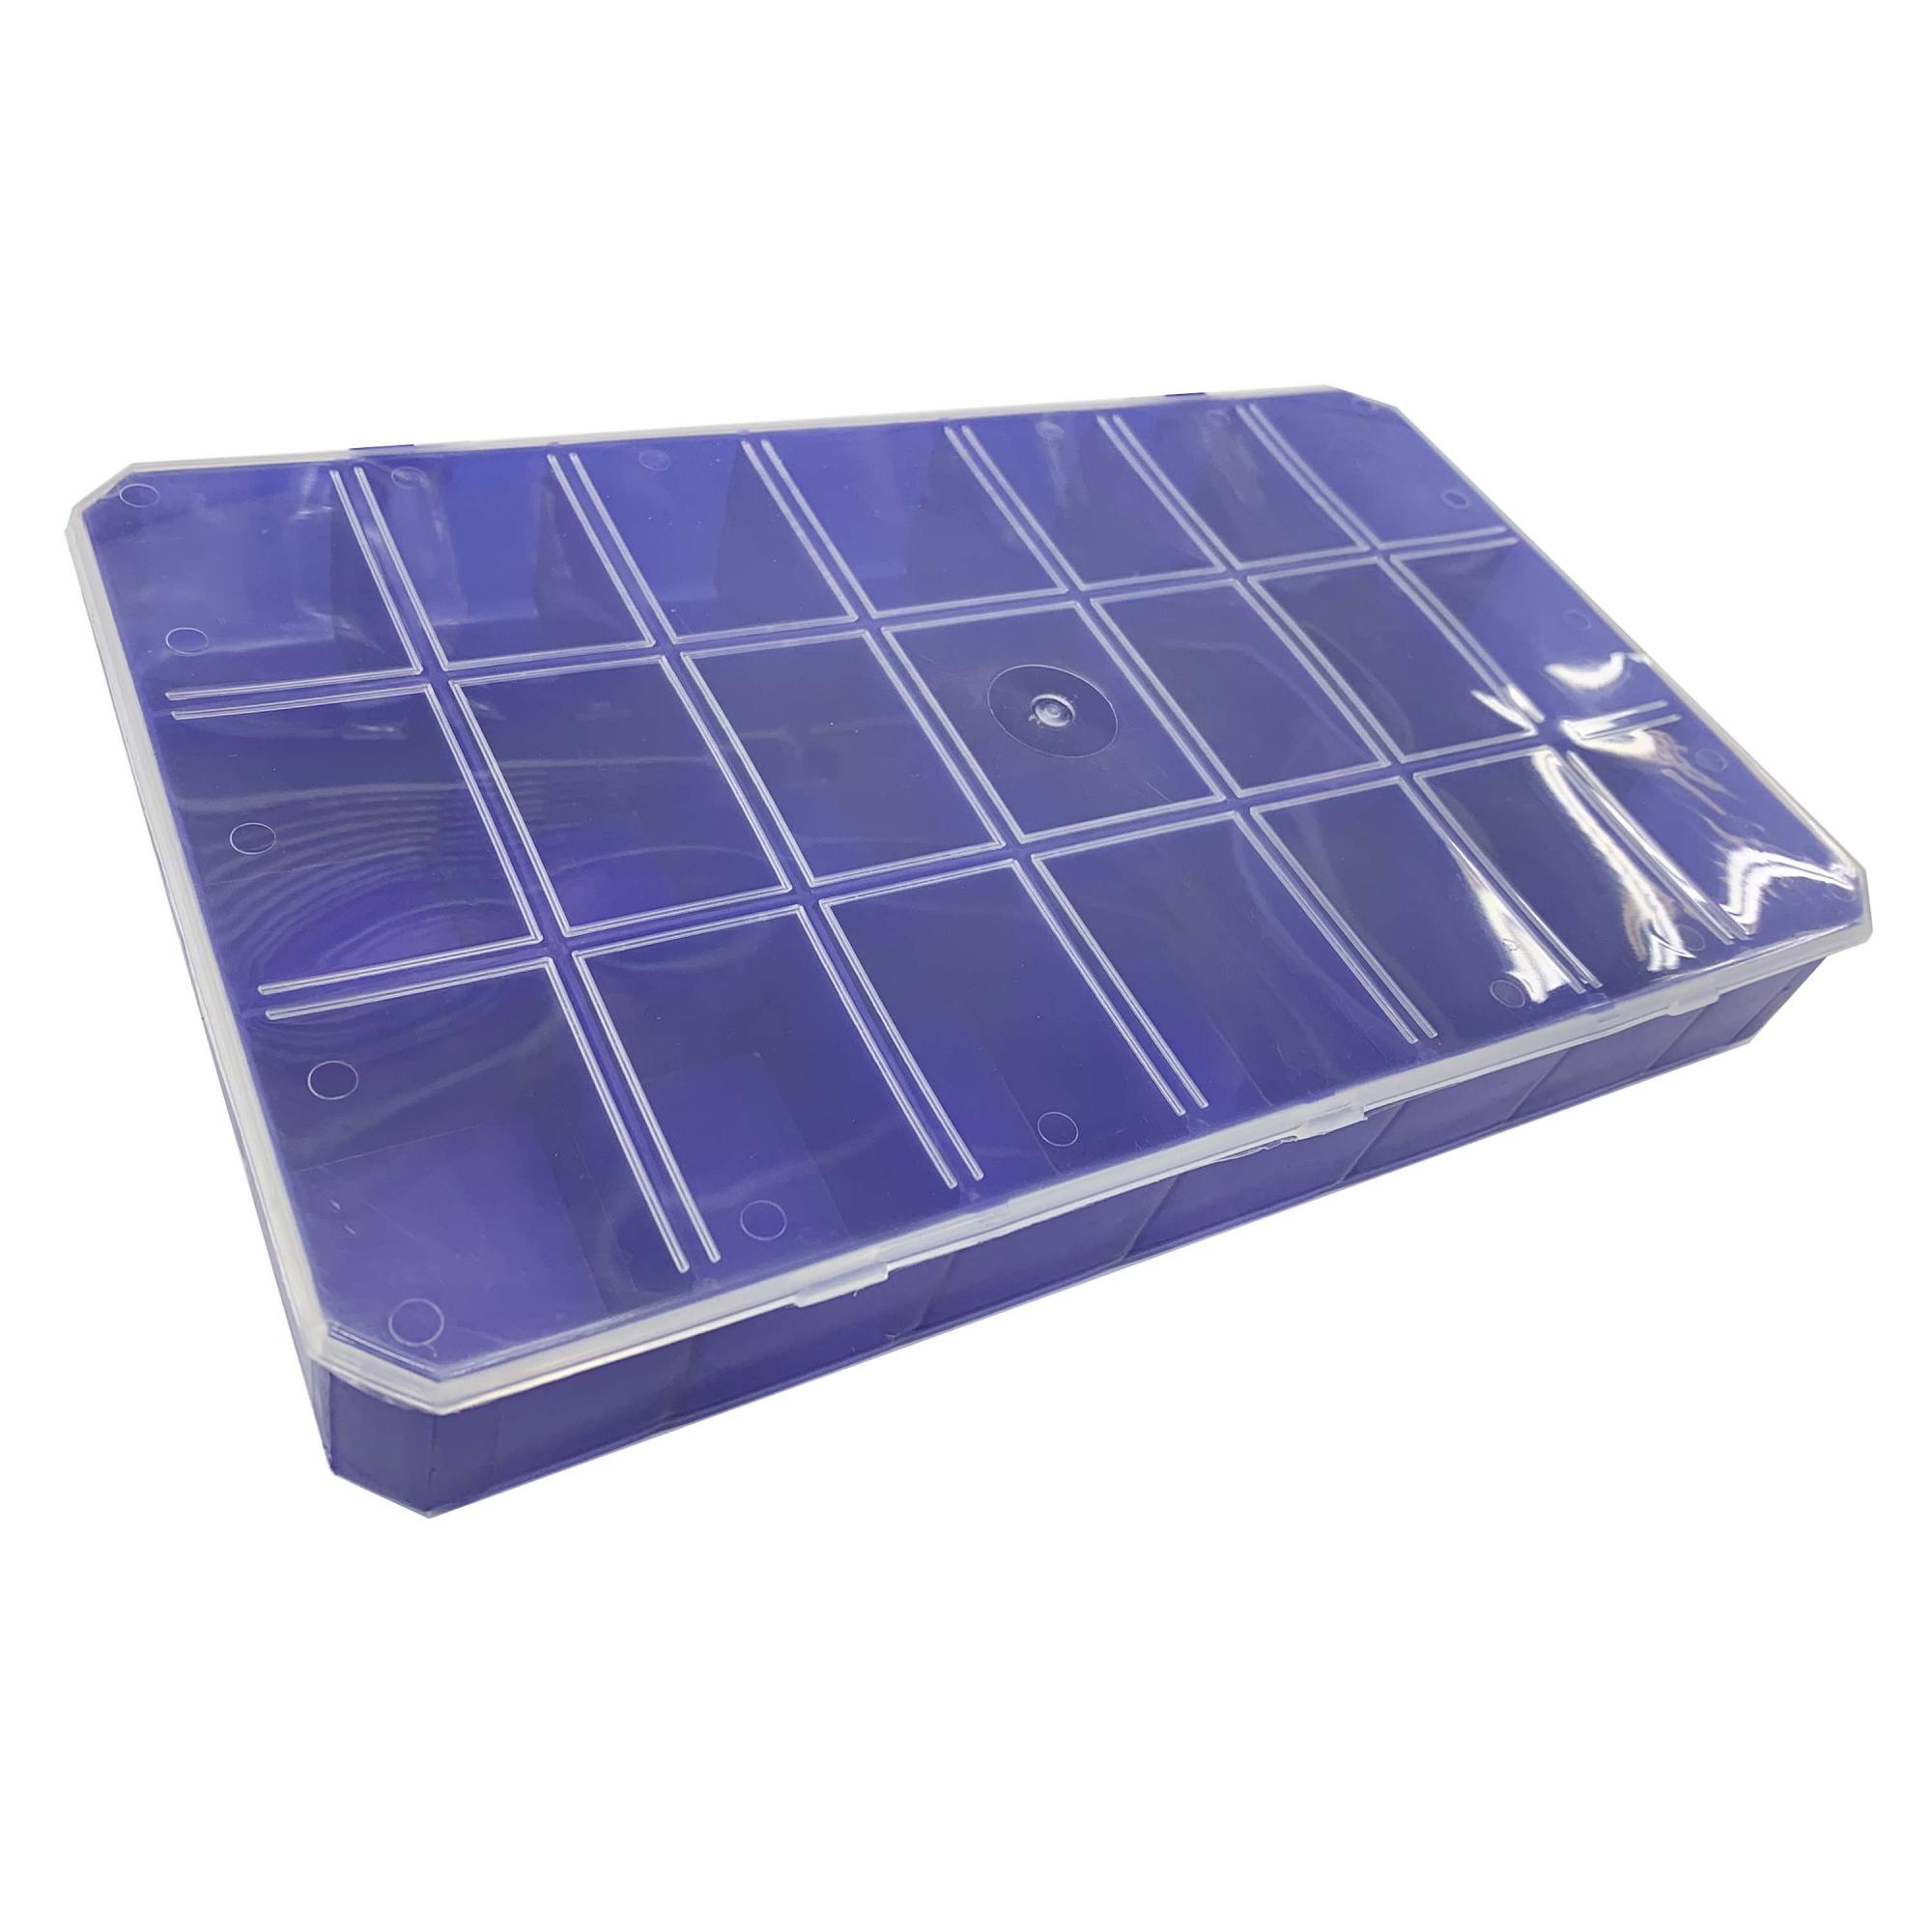 Caixa Organizadora - Transparente e Azul  - Stéphanie Bijoux® - Peças para Bijuterias e Artesanato